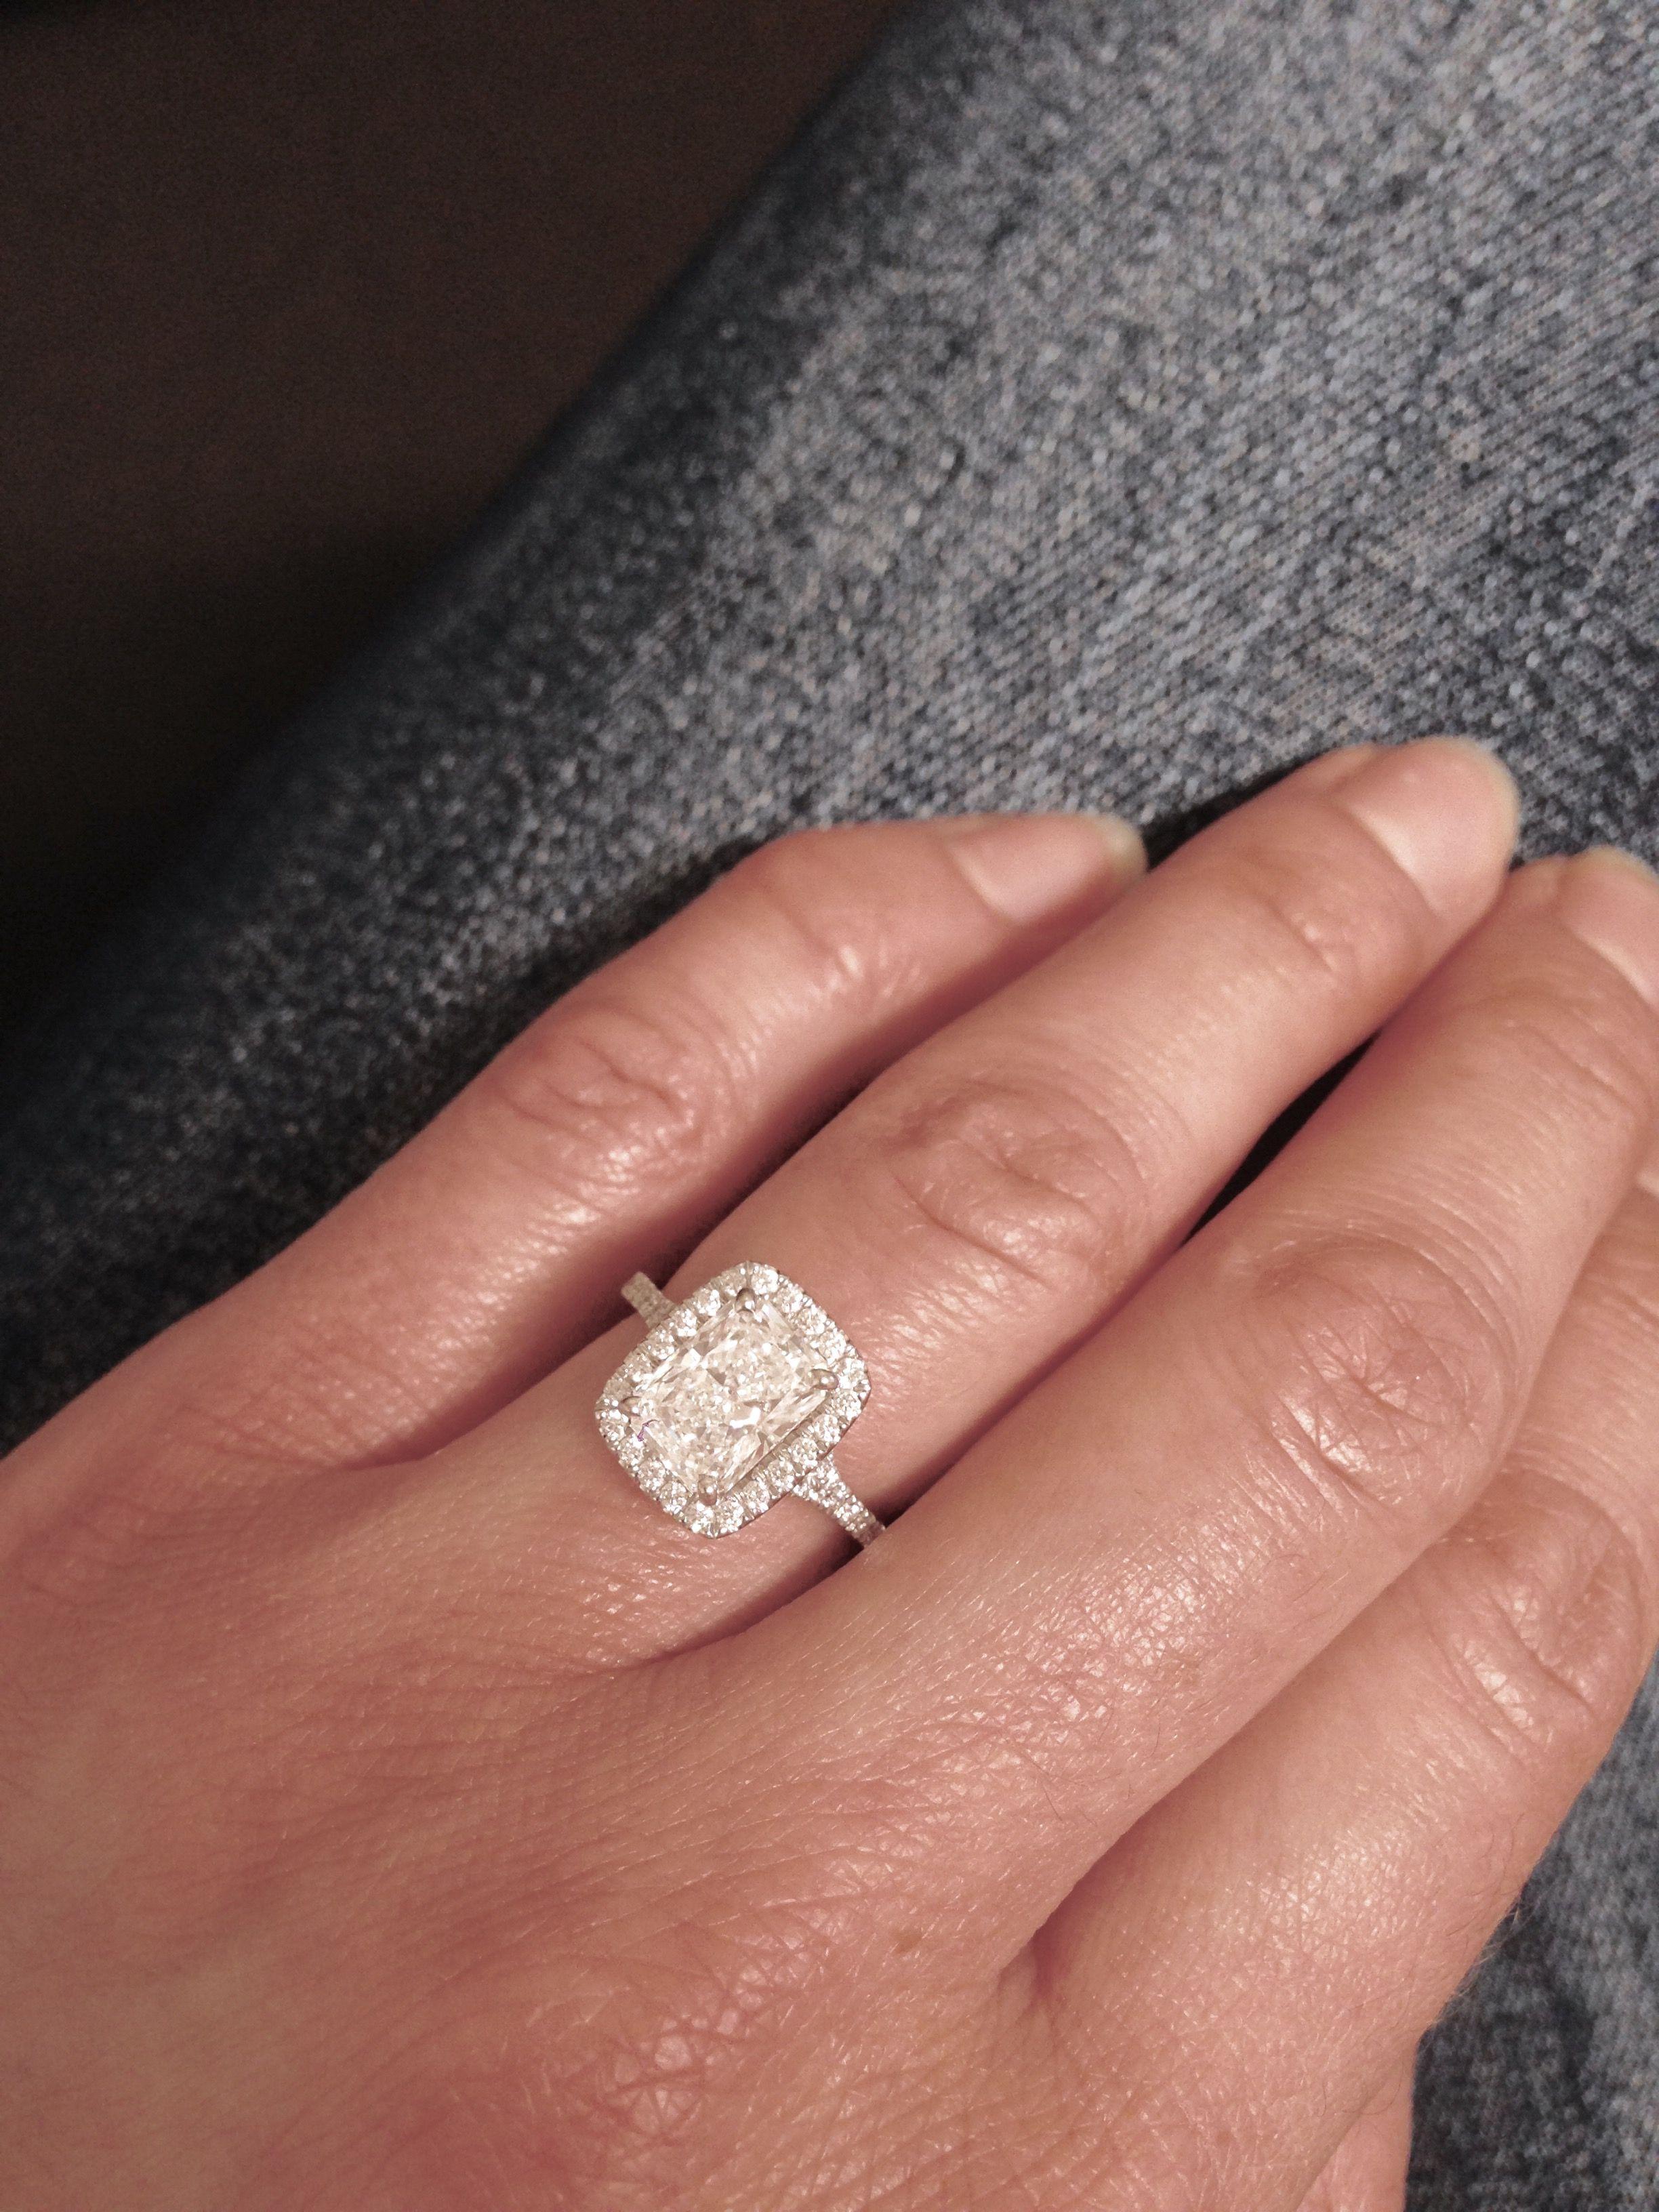 Elongated Radiant Cut Stone Halo Cushion Setting Engagement Ring  Perfection ❤